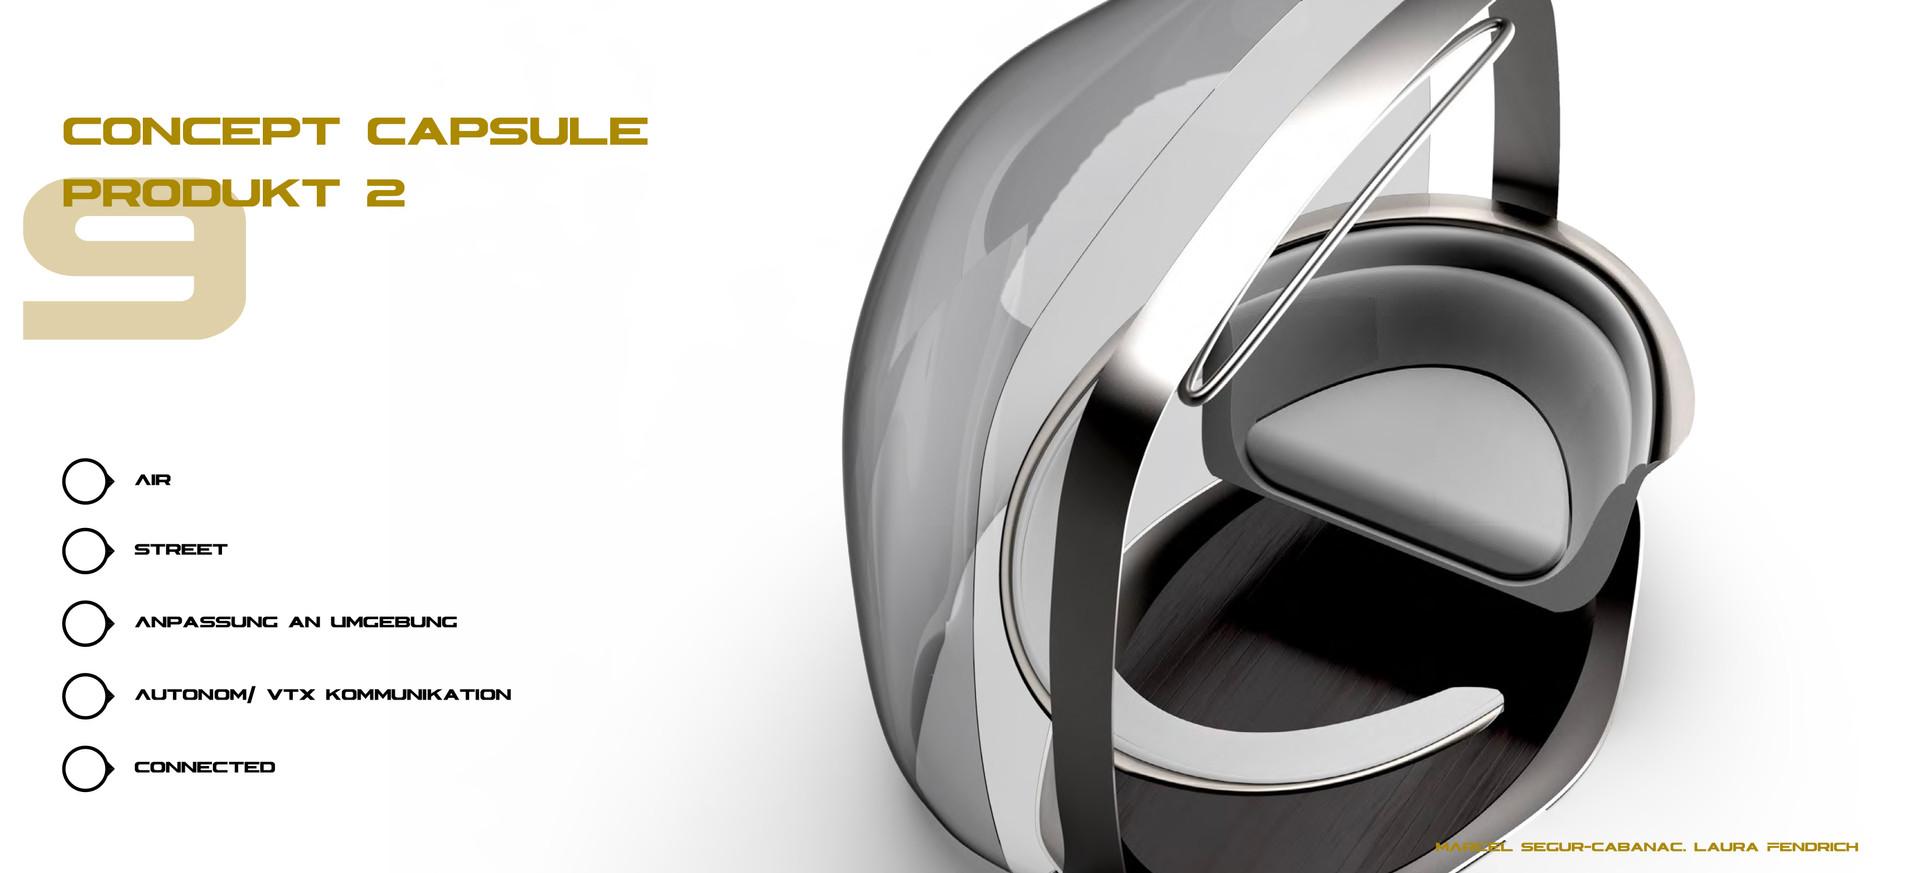 Porsche Design _Fendrich und Segur Caban